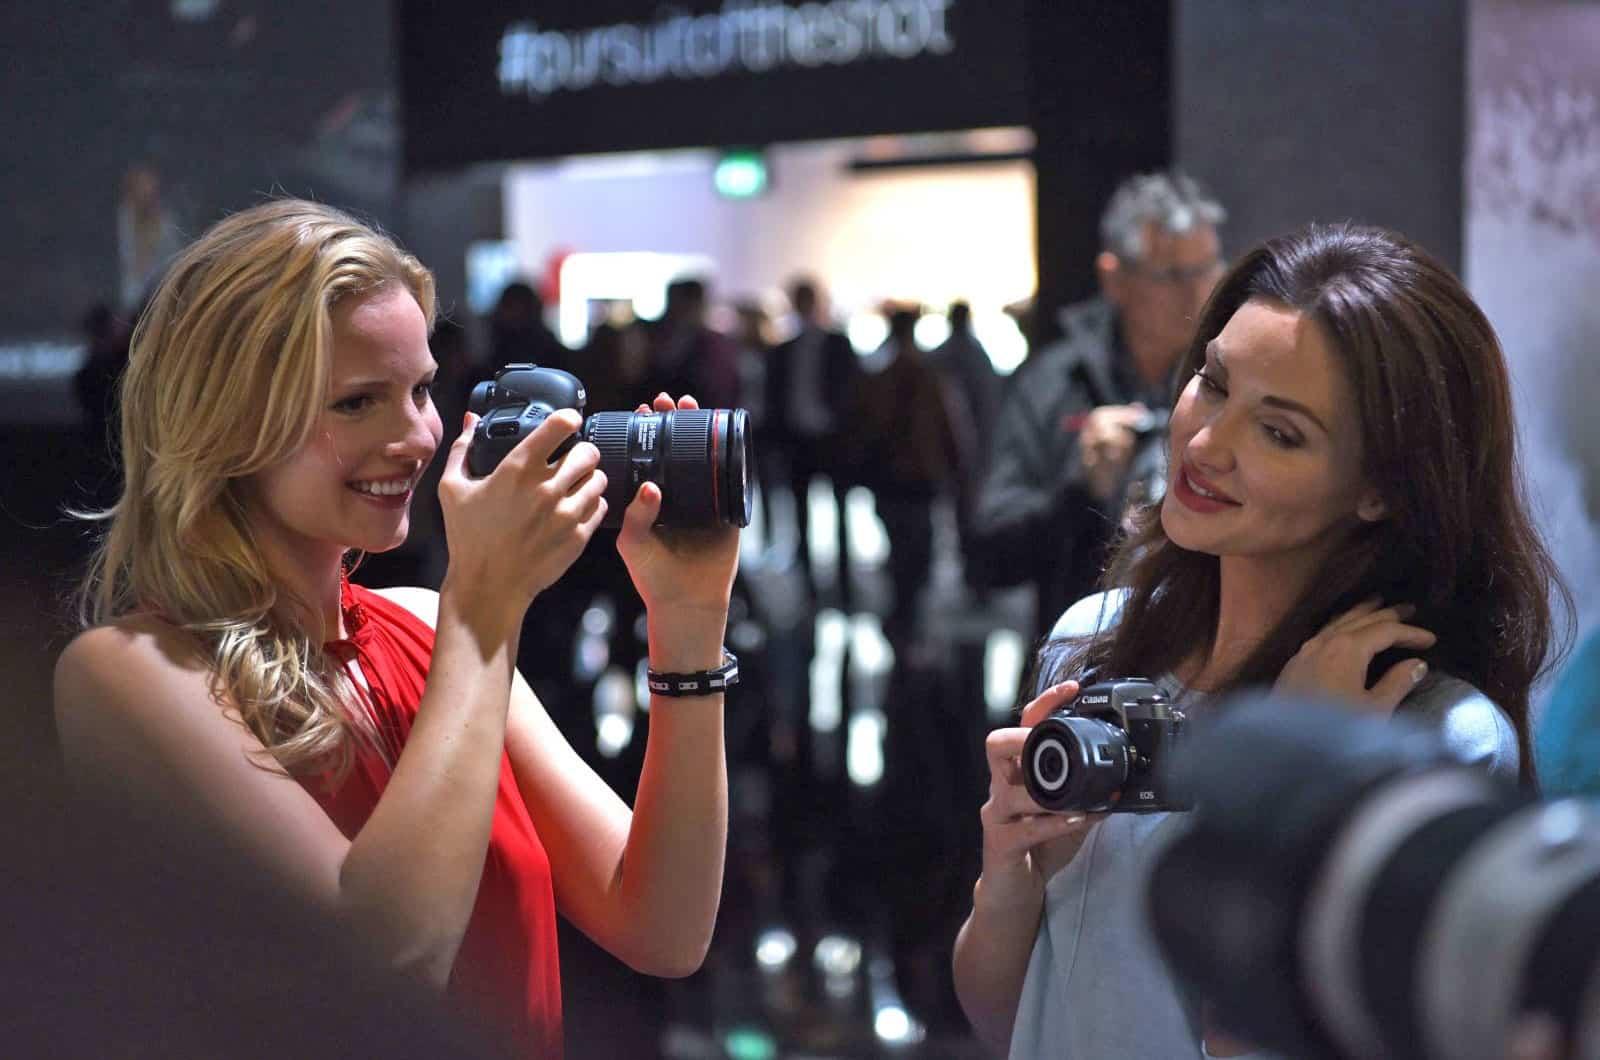 Keseruan Photokina 2018. Foto oleh engadget.com